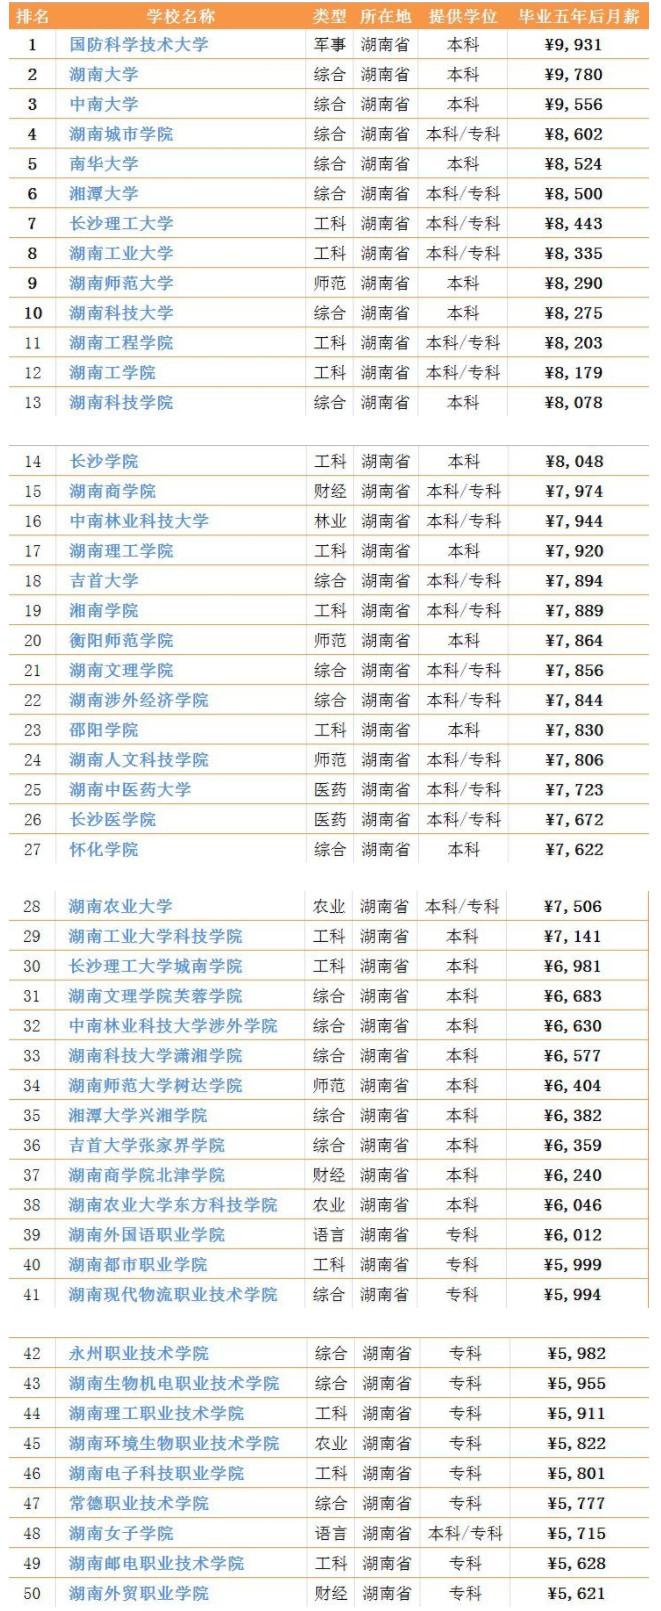 湖南50所高校毕业生薪酬排行榜出炉